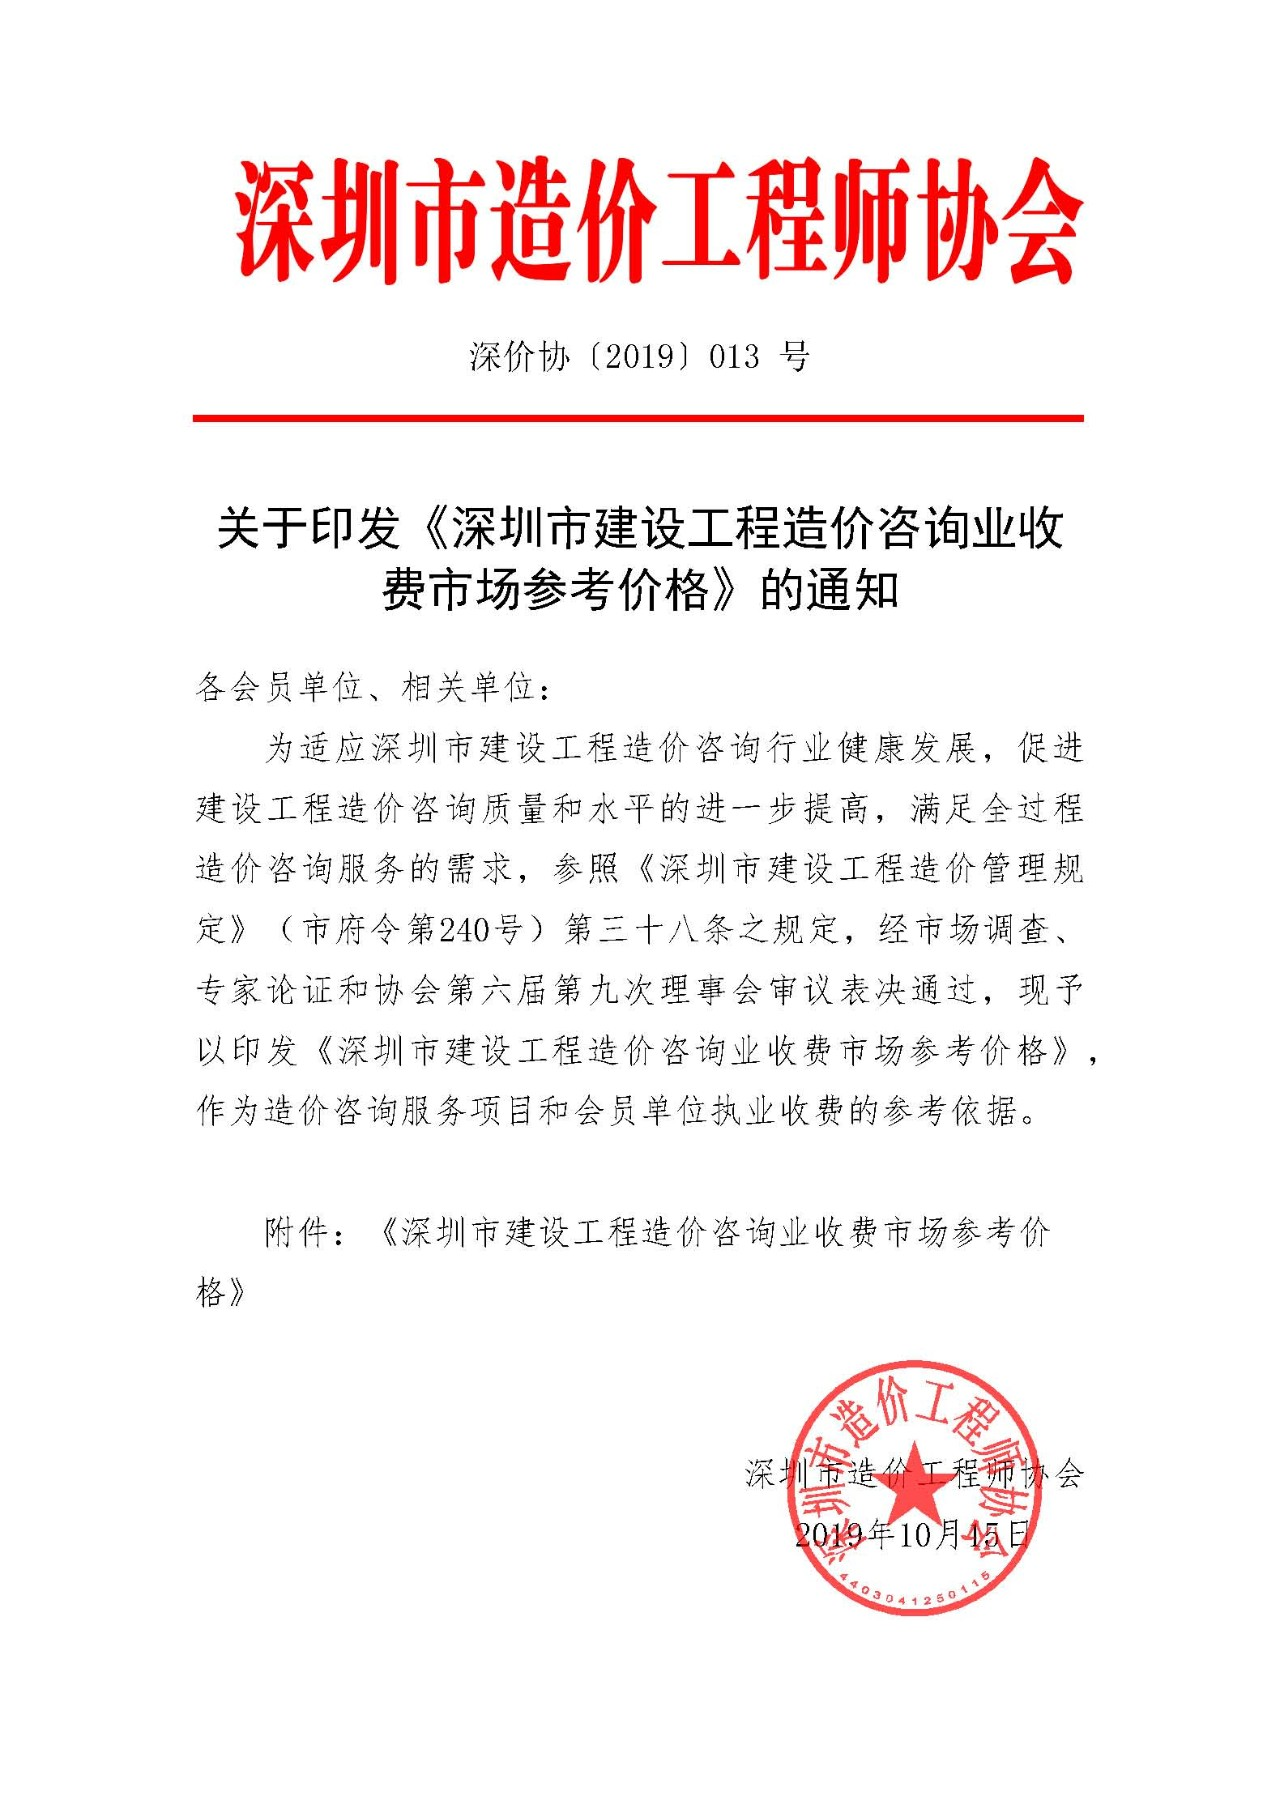 深圳市建设工程造价咨询服务行业收费参考价格